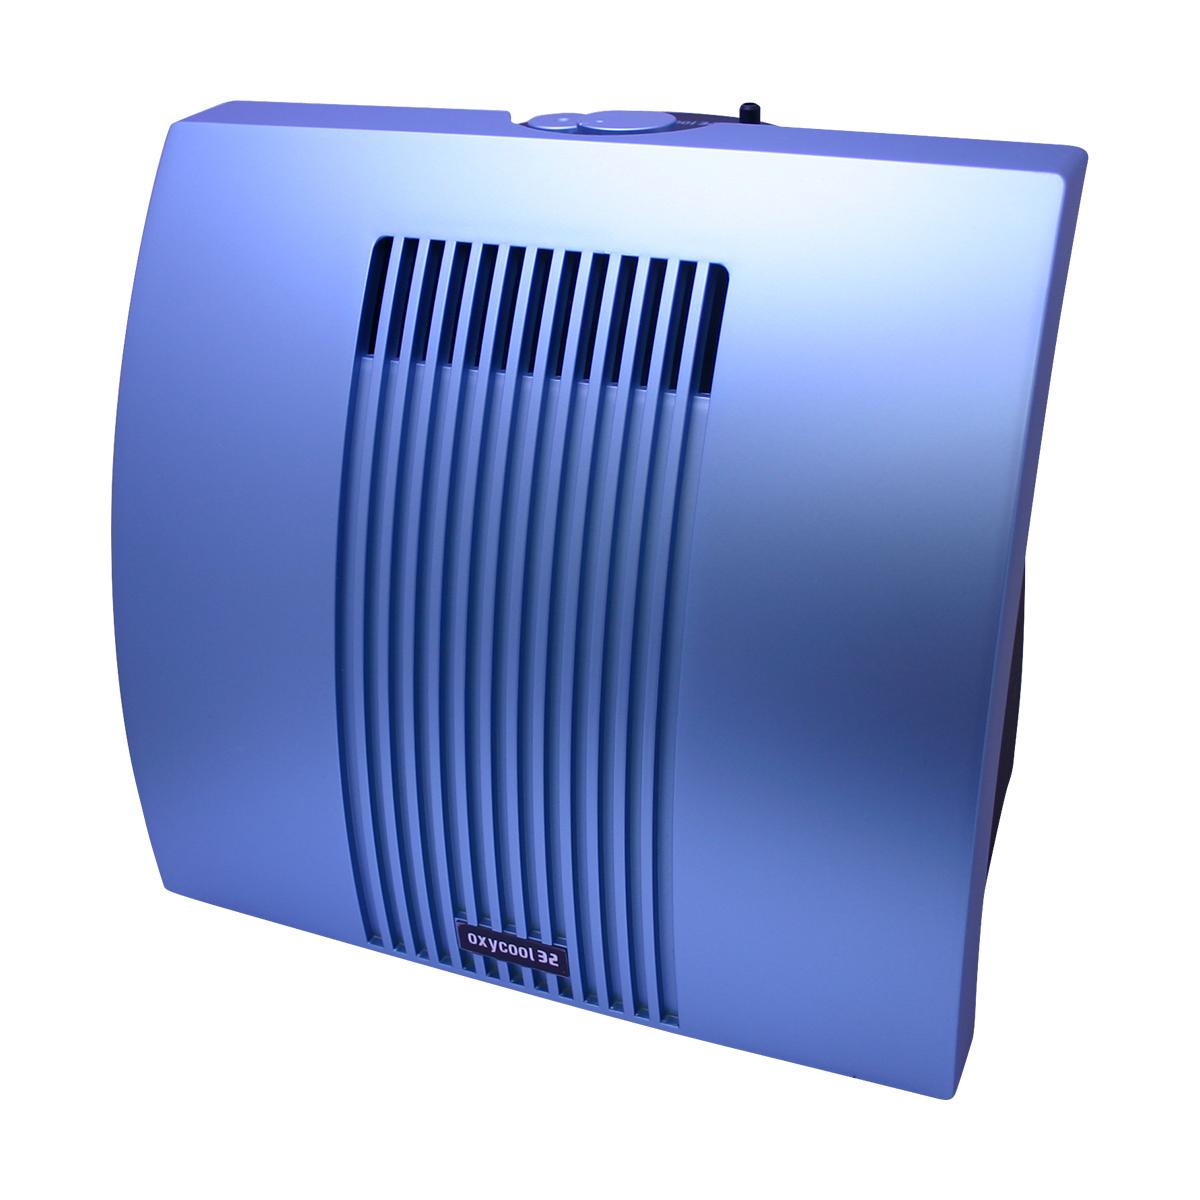 酸素濃縮器オキシクール32【送料無料】【代引手数料無料】 0824カード分割 【mrock】